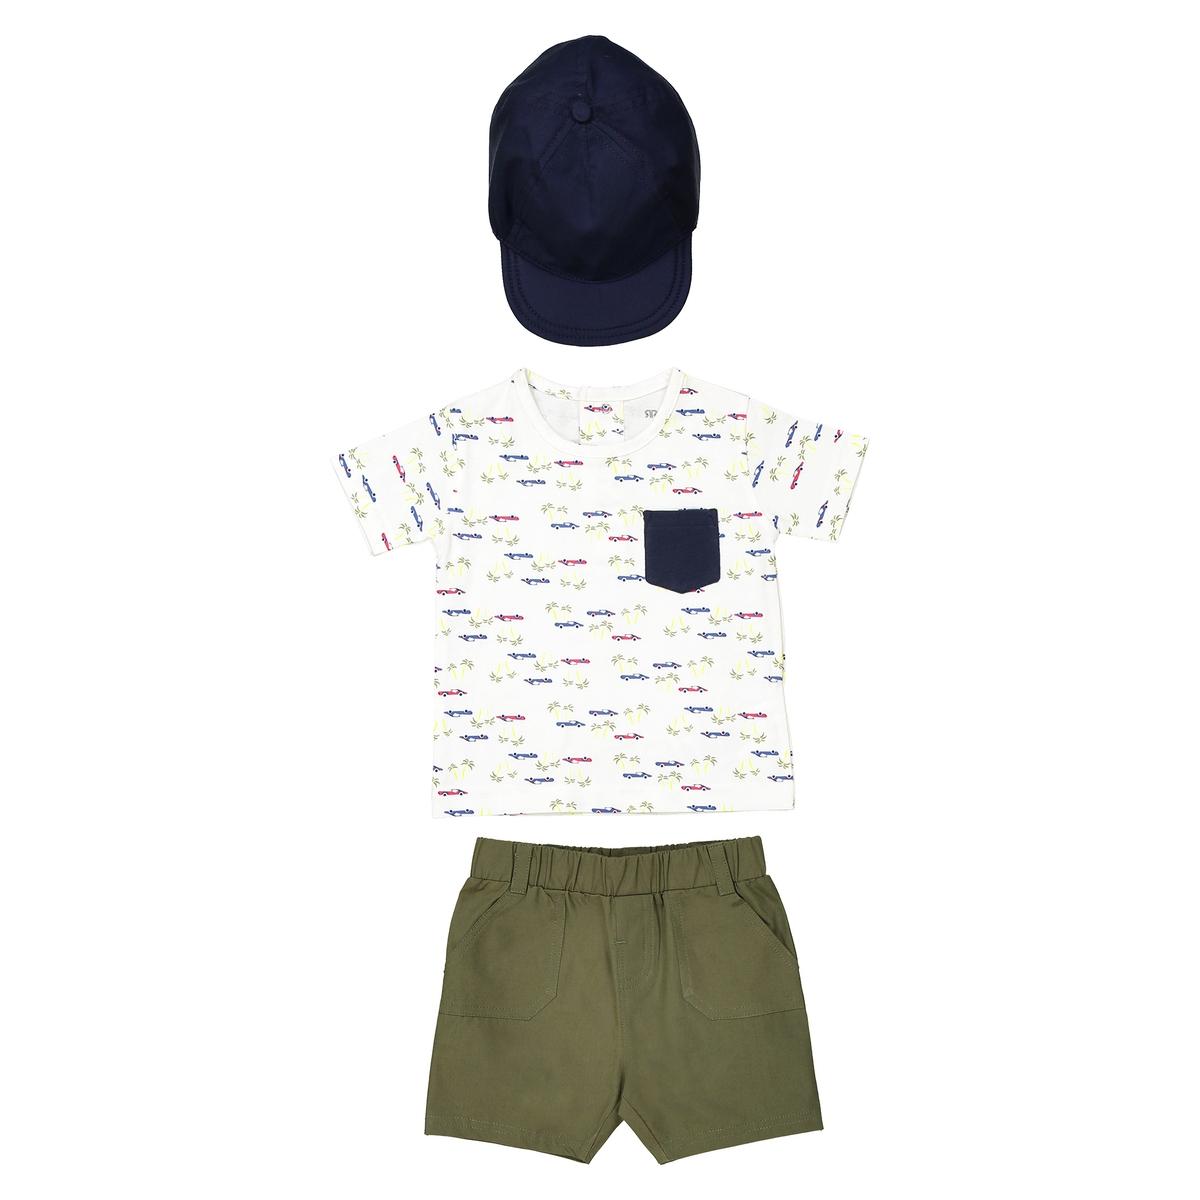 Комплект: футболка, бермуды, кепка 1 мес - 3 года комплект для младенца футболка комбинезон 1 мес 3 года